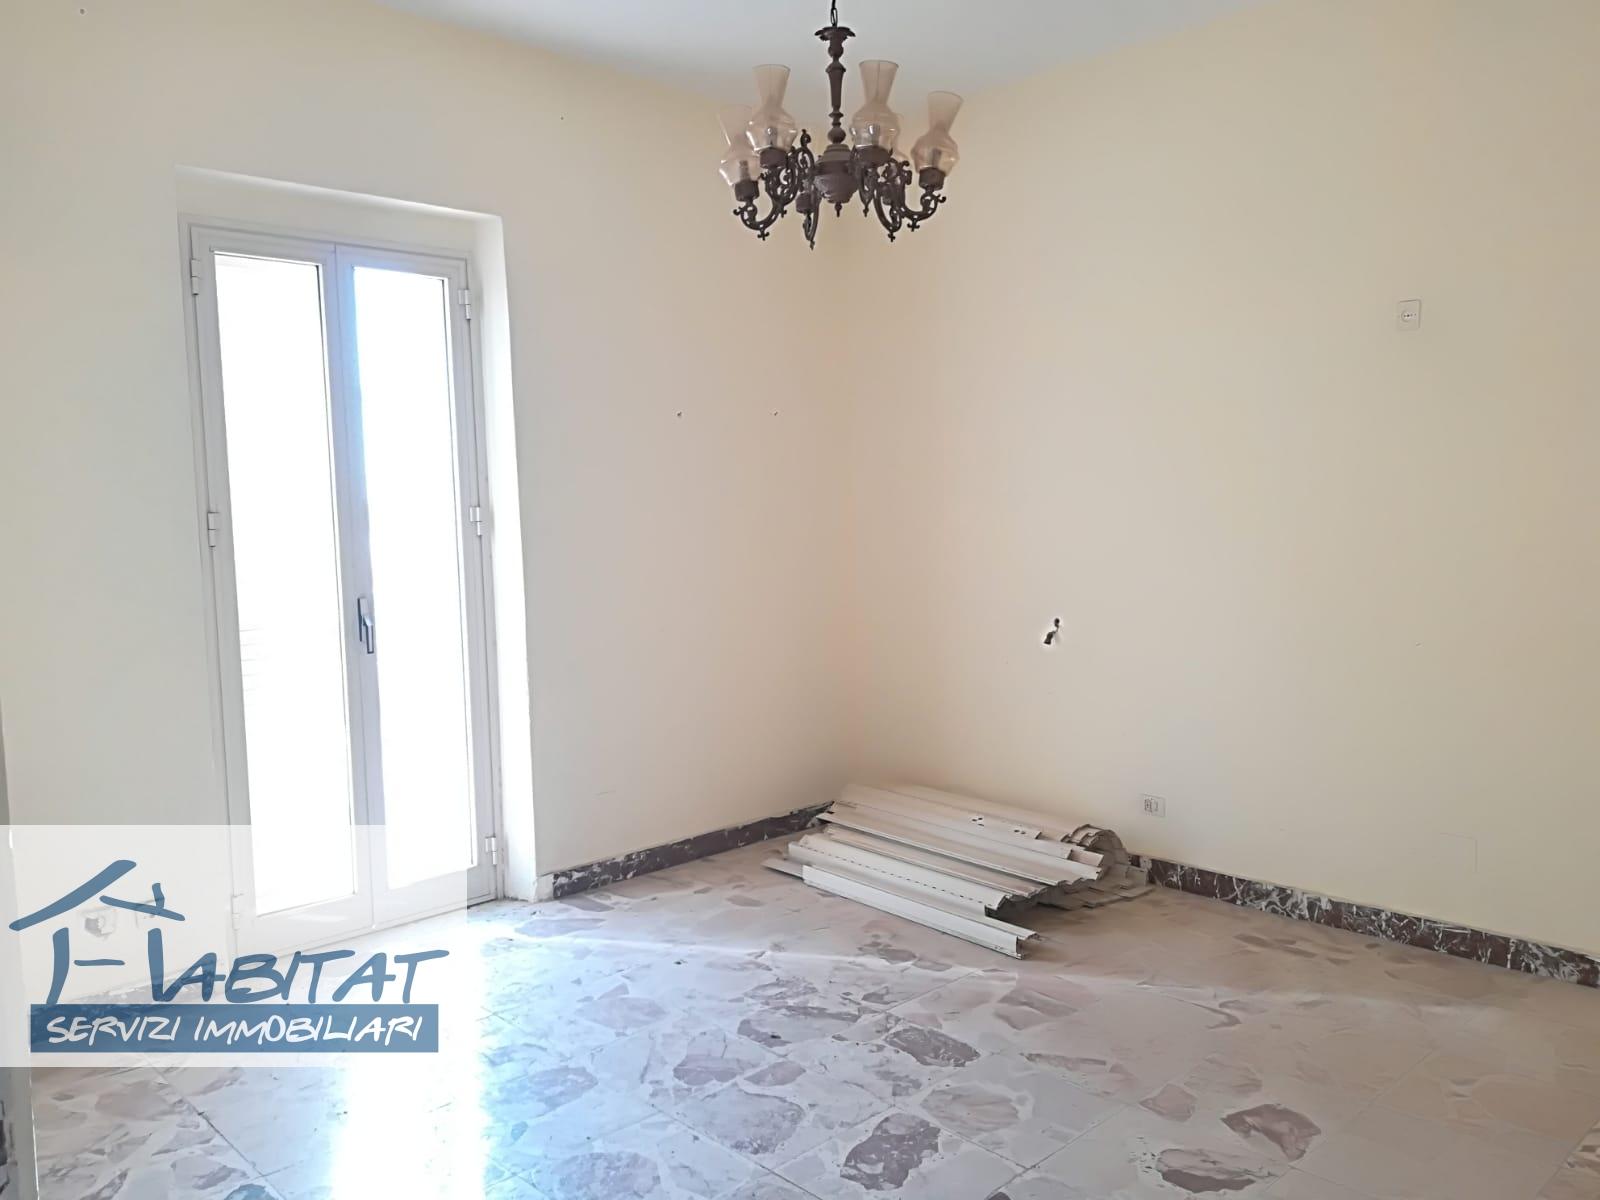 Appartamento in vendita a Aragona, 3 locali, prezzo € 99.000 | CambioCasa.it